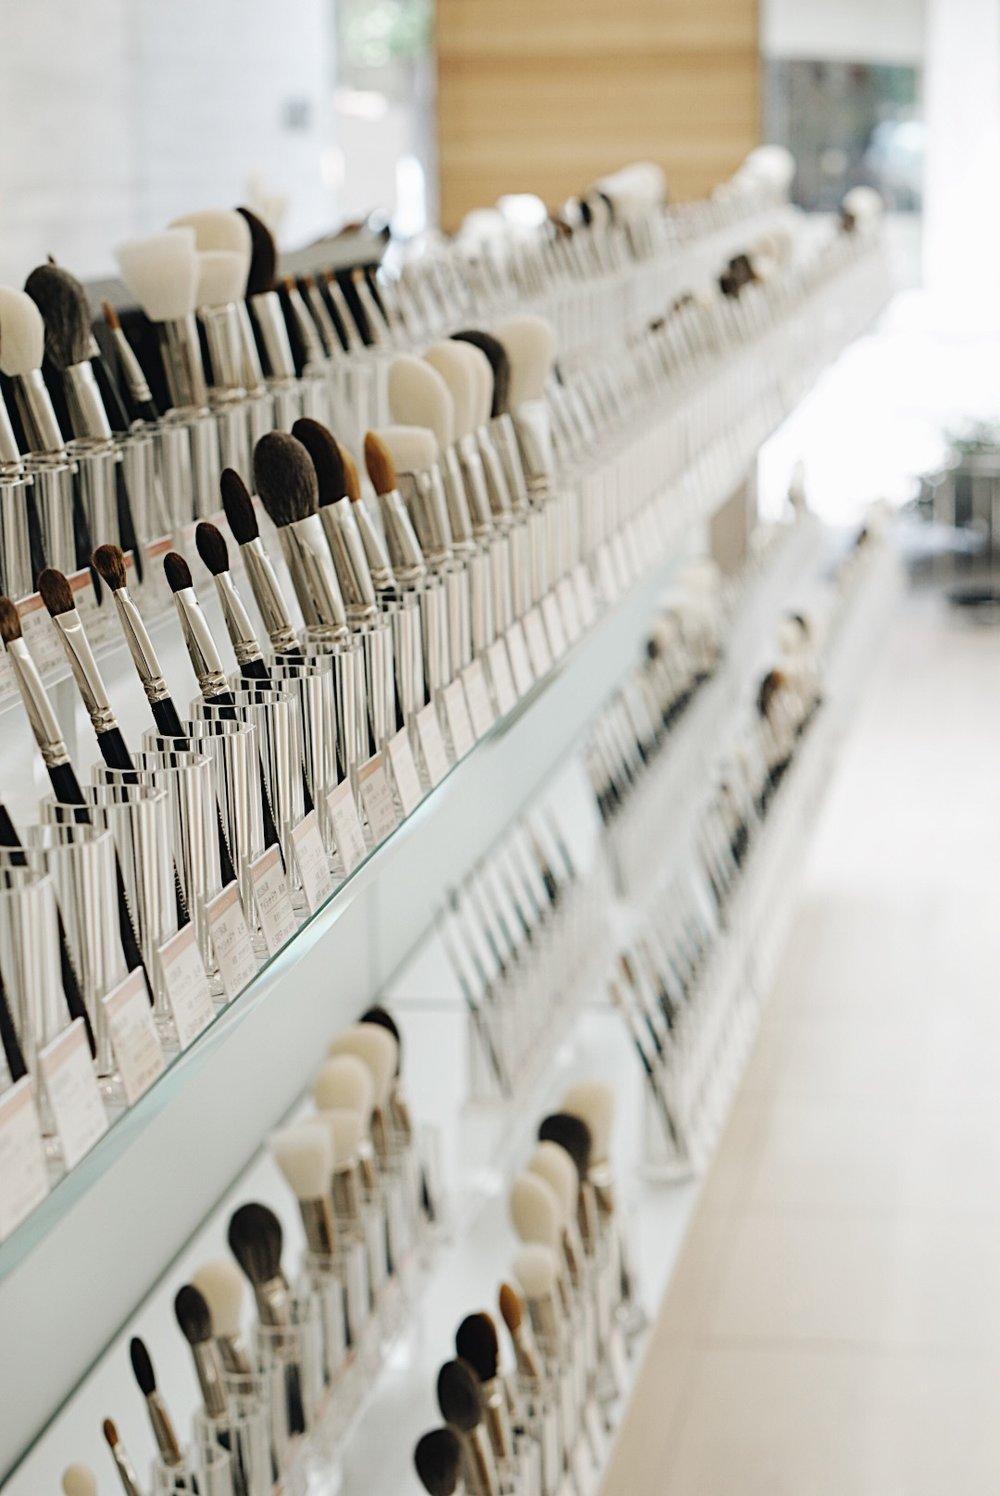 Hakuhodo Brushes Kyoto Store